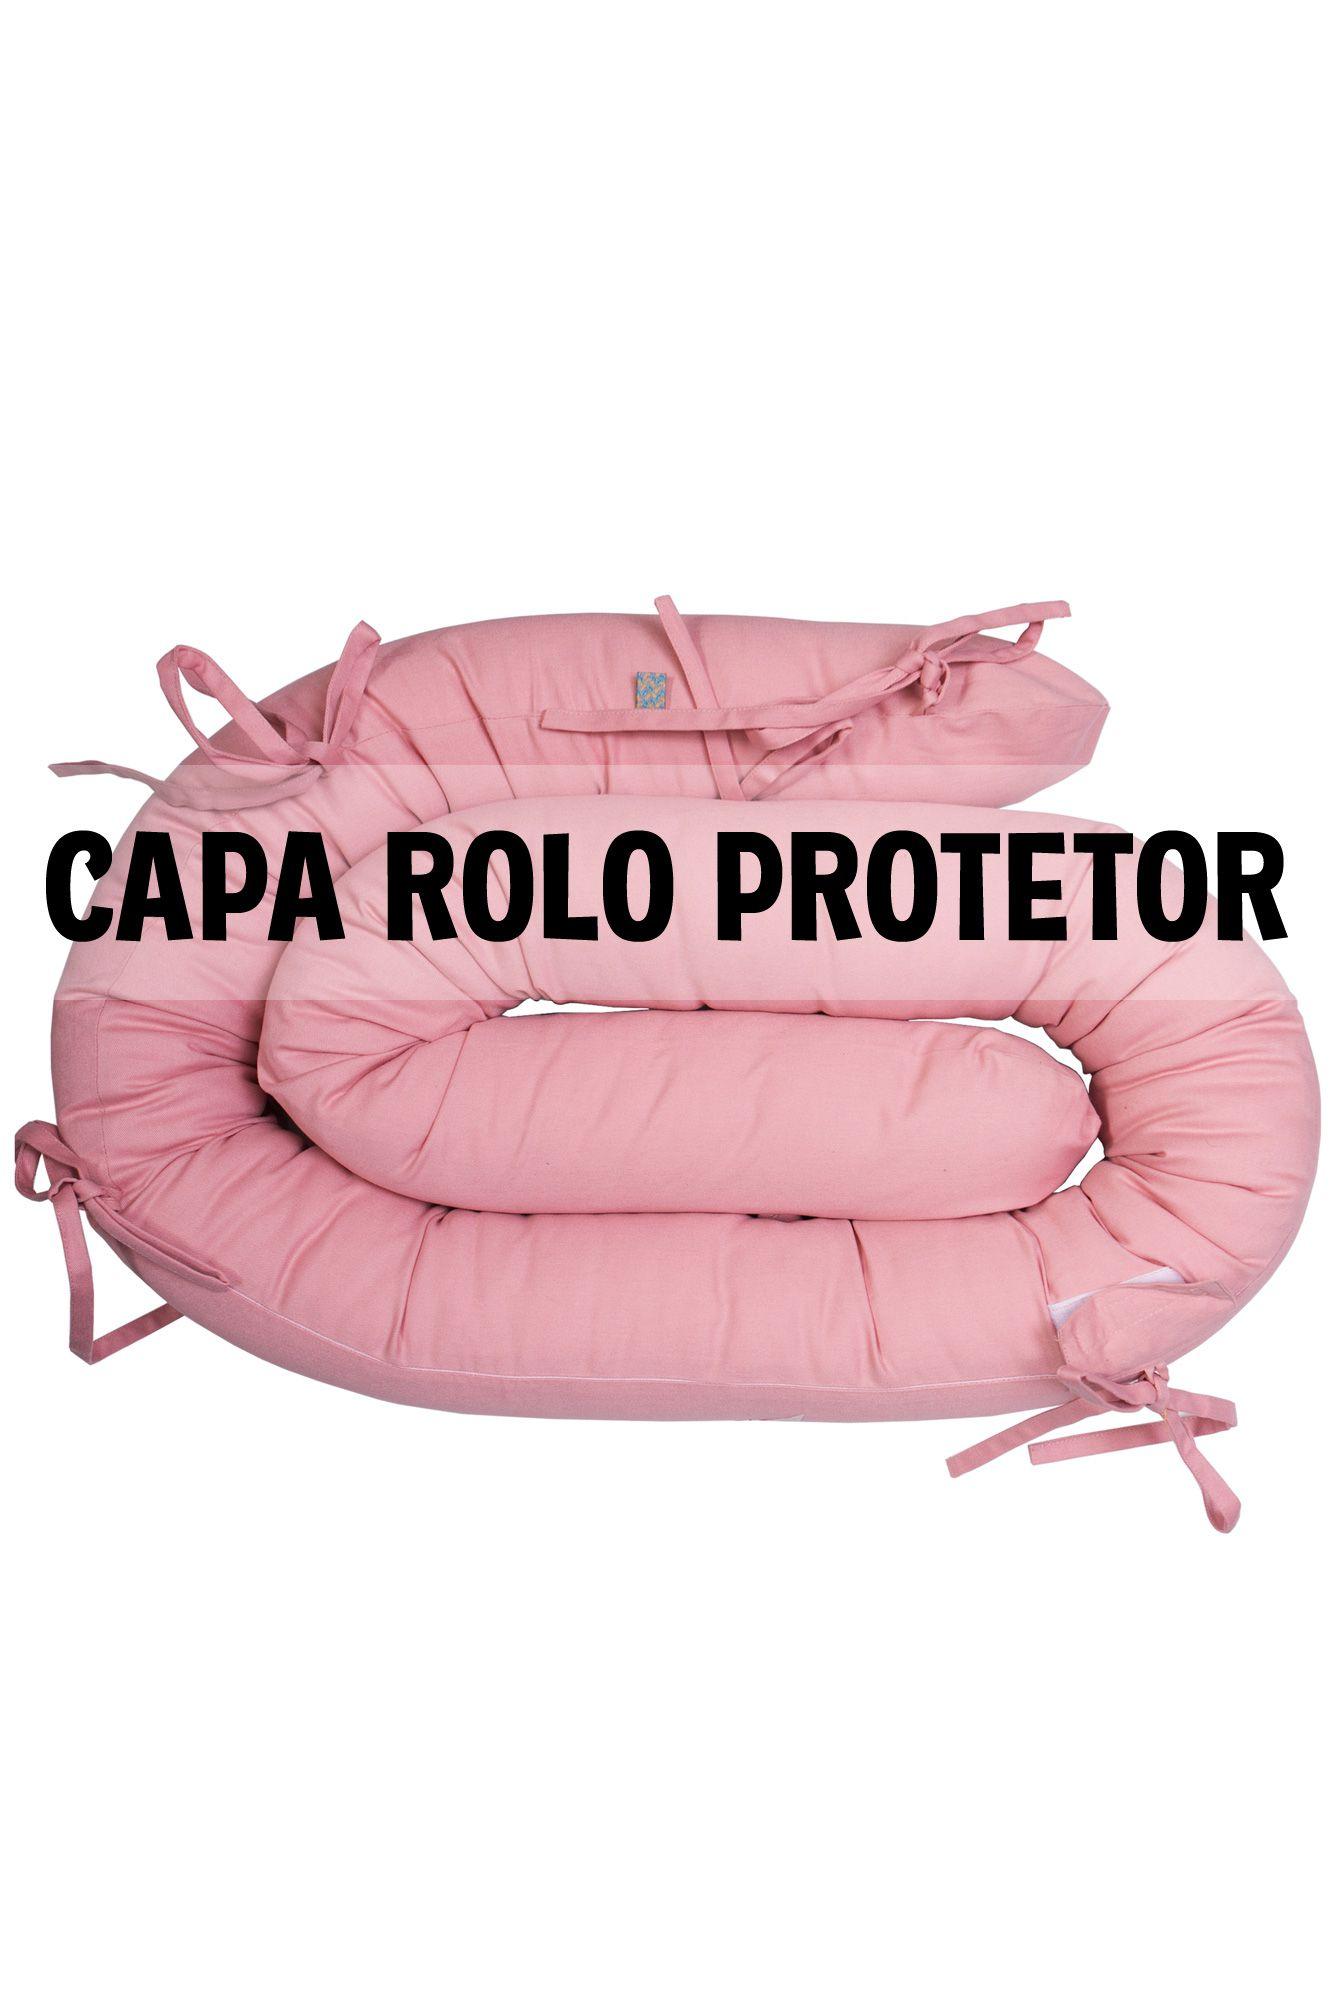 Capa de protetor espaguete rosa